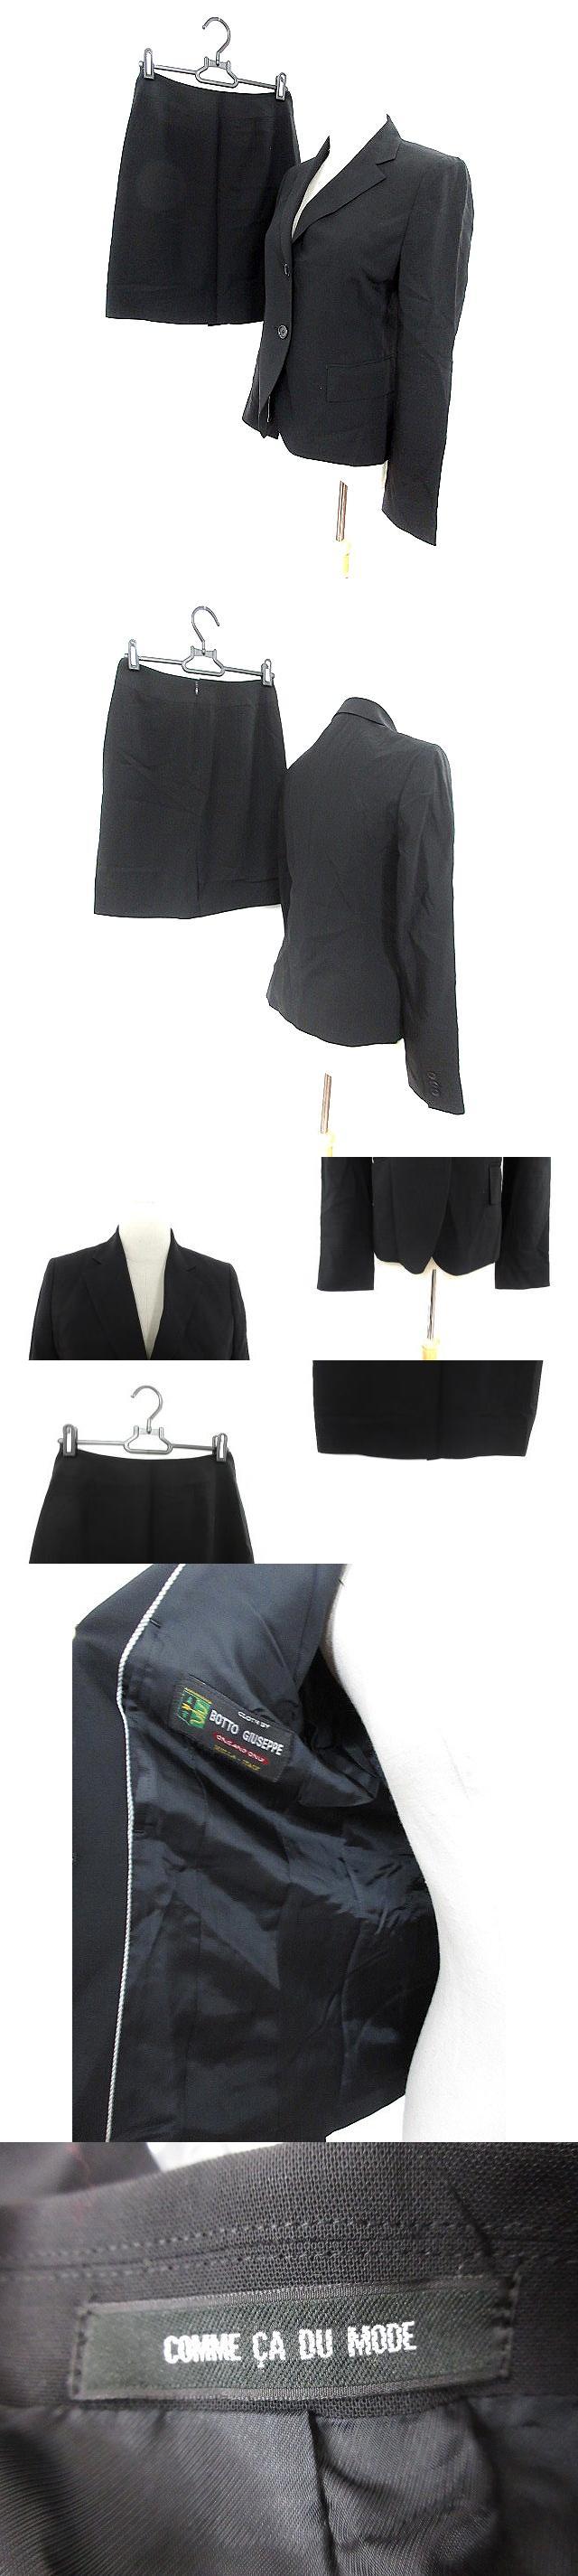 スーツ セットアップ 上下 ジャケット テーラード シングル 総裏地 スカート タイト ひざ丈 7 黒 ブラック /AAM